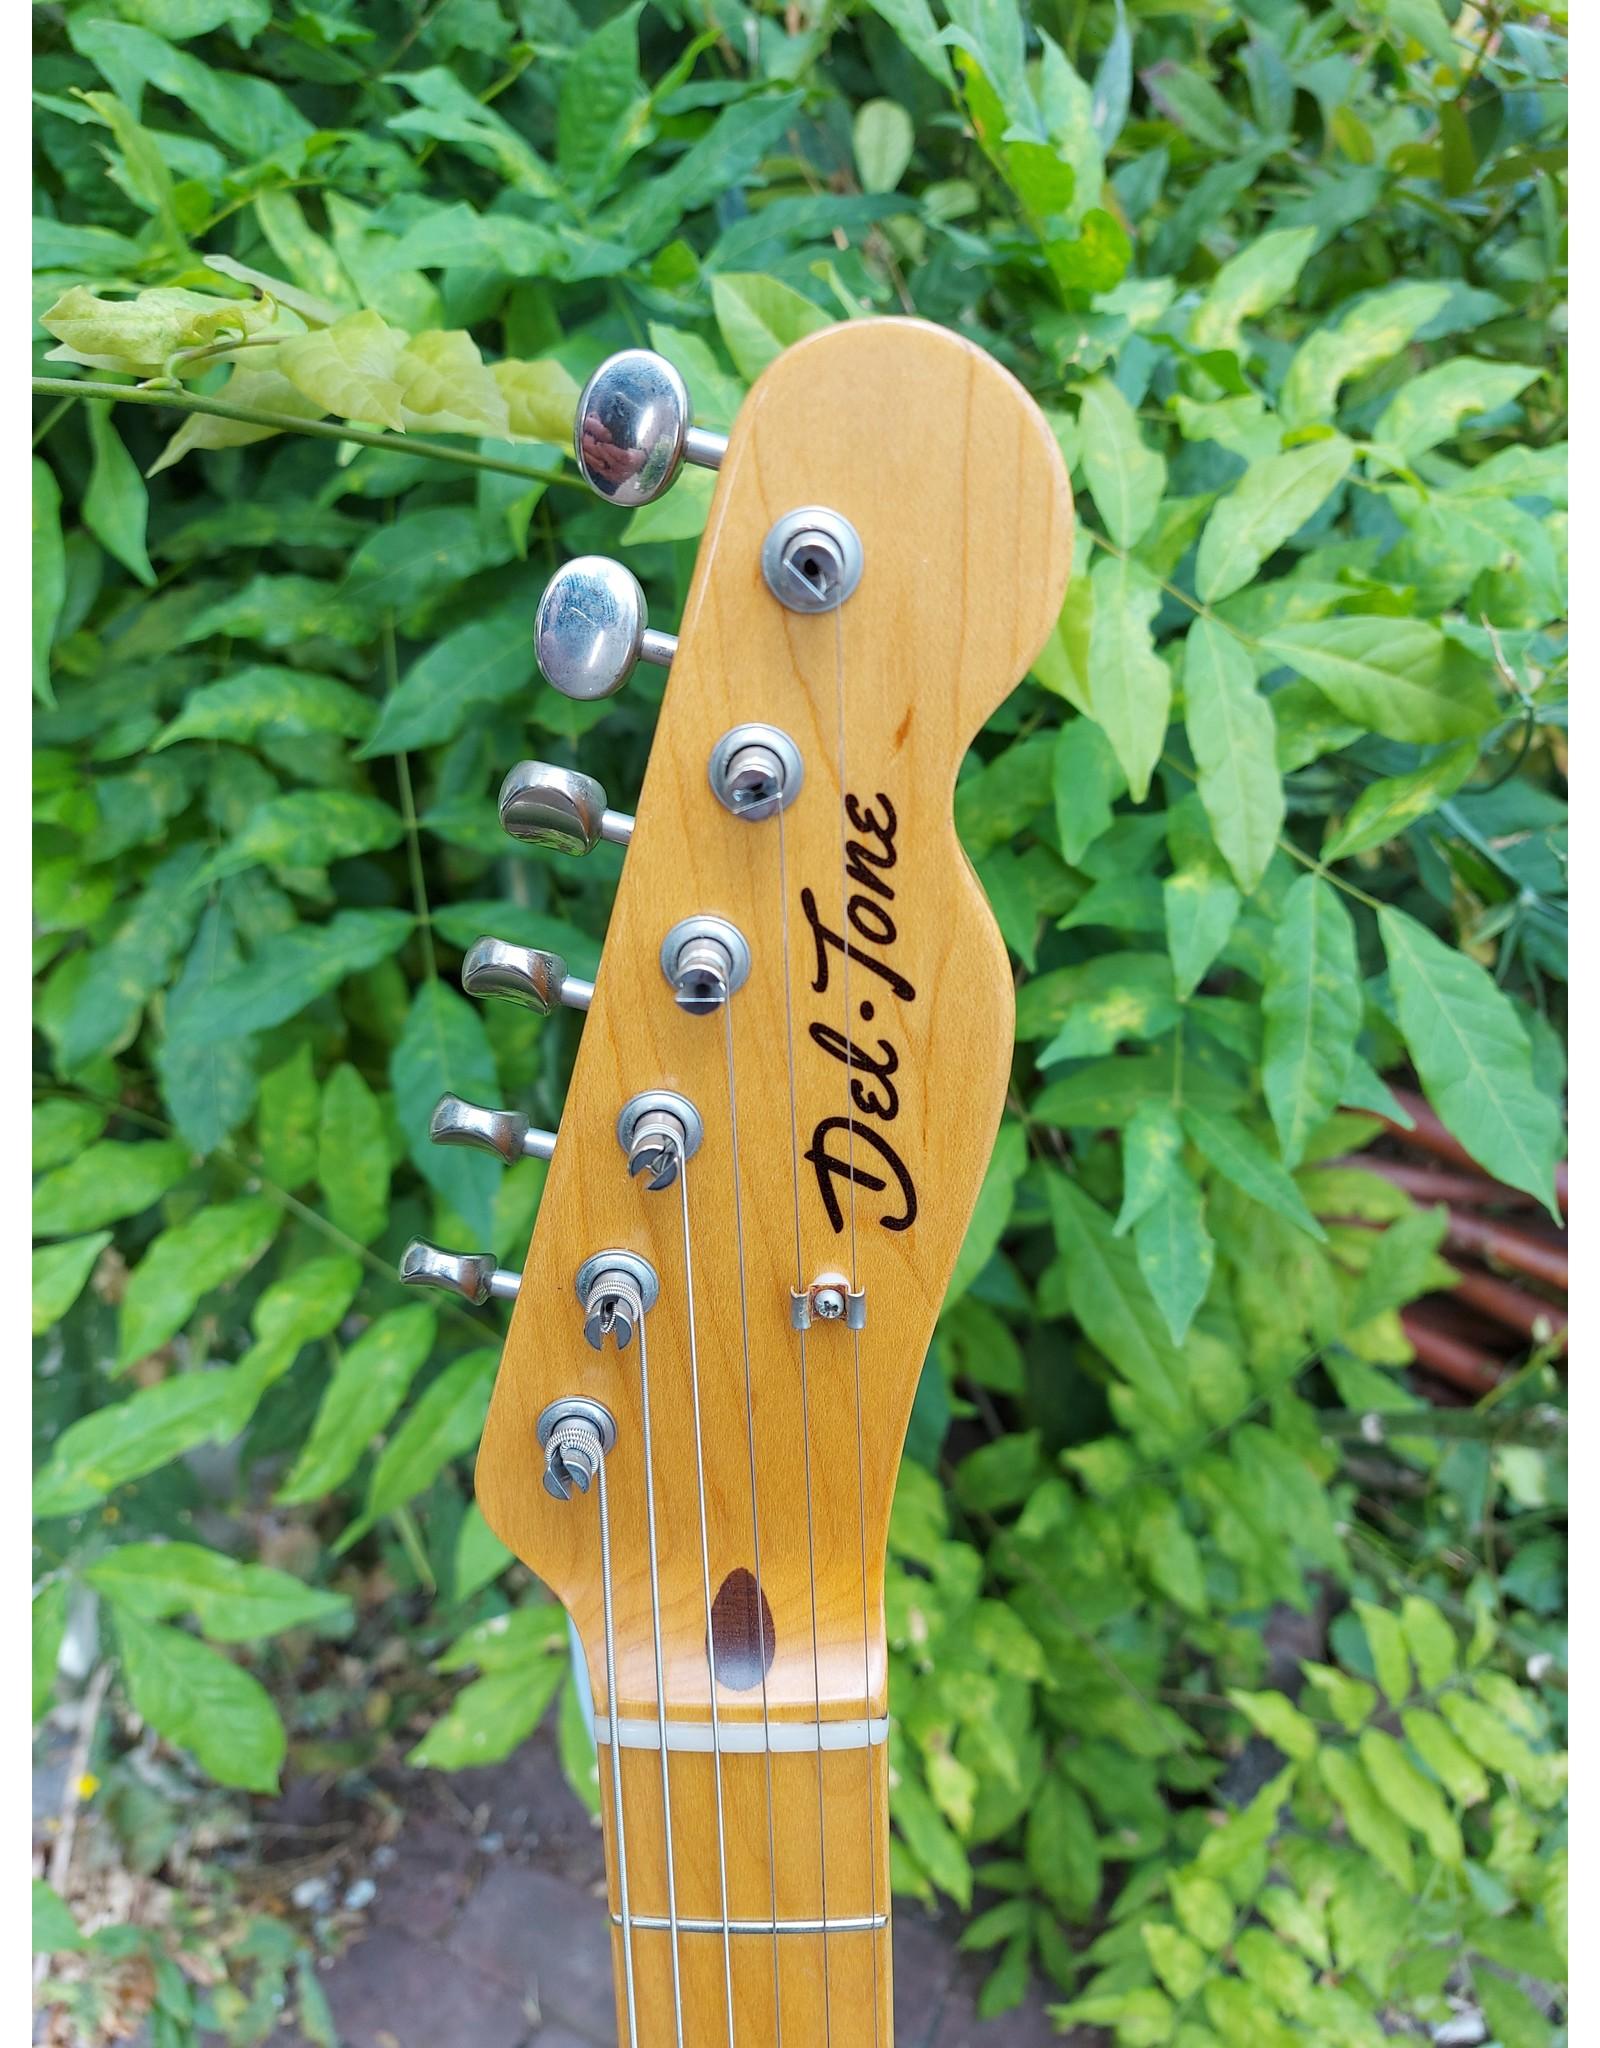 Del-tone Del-Tone 50's T-Style Butterscotch Blonde